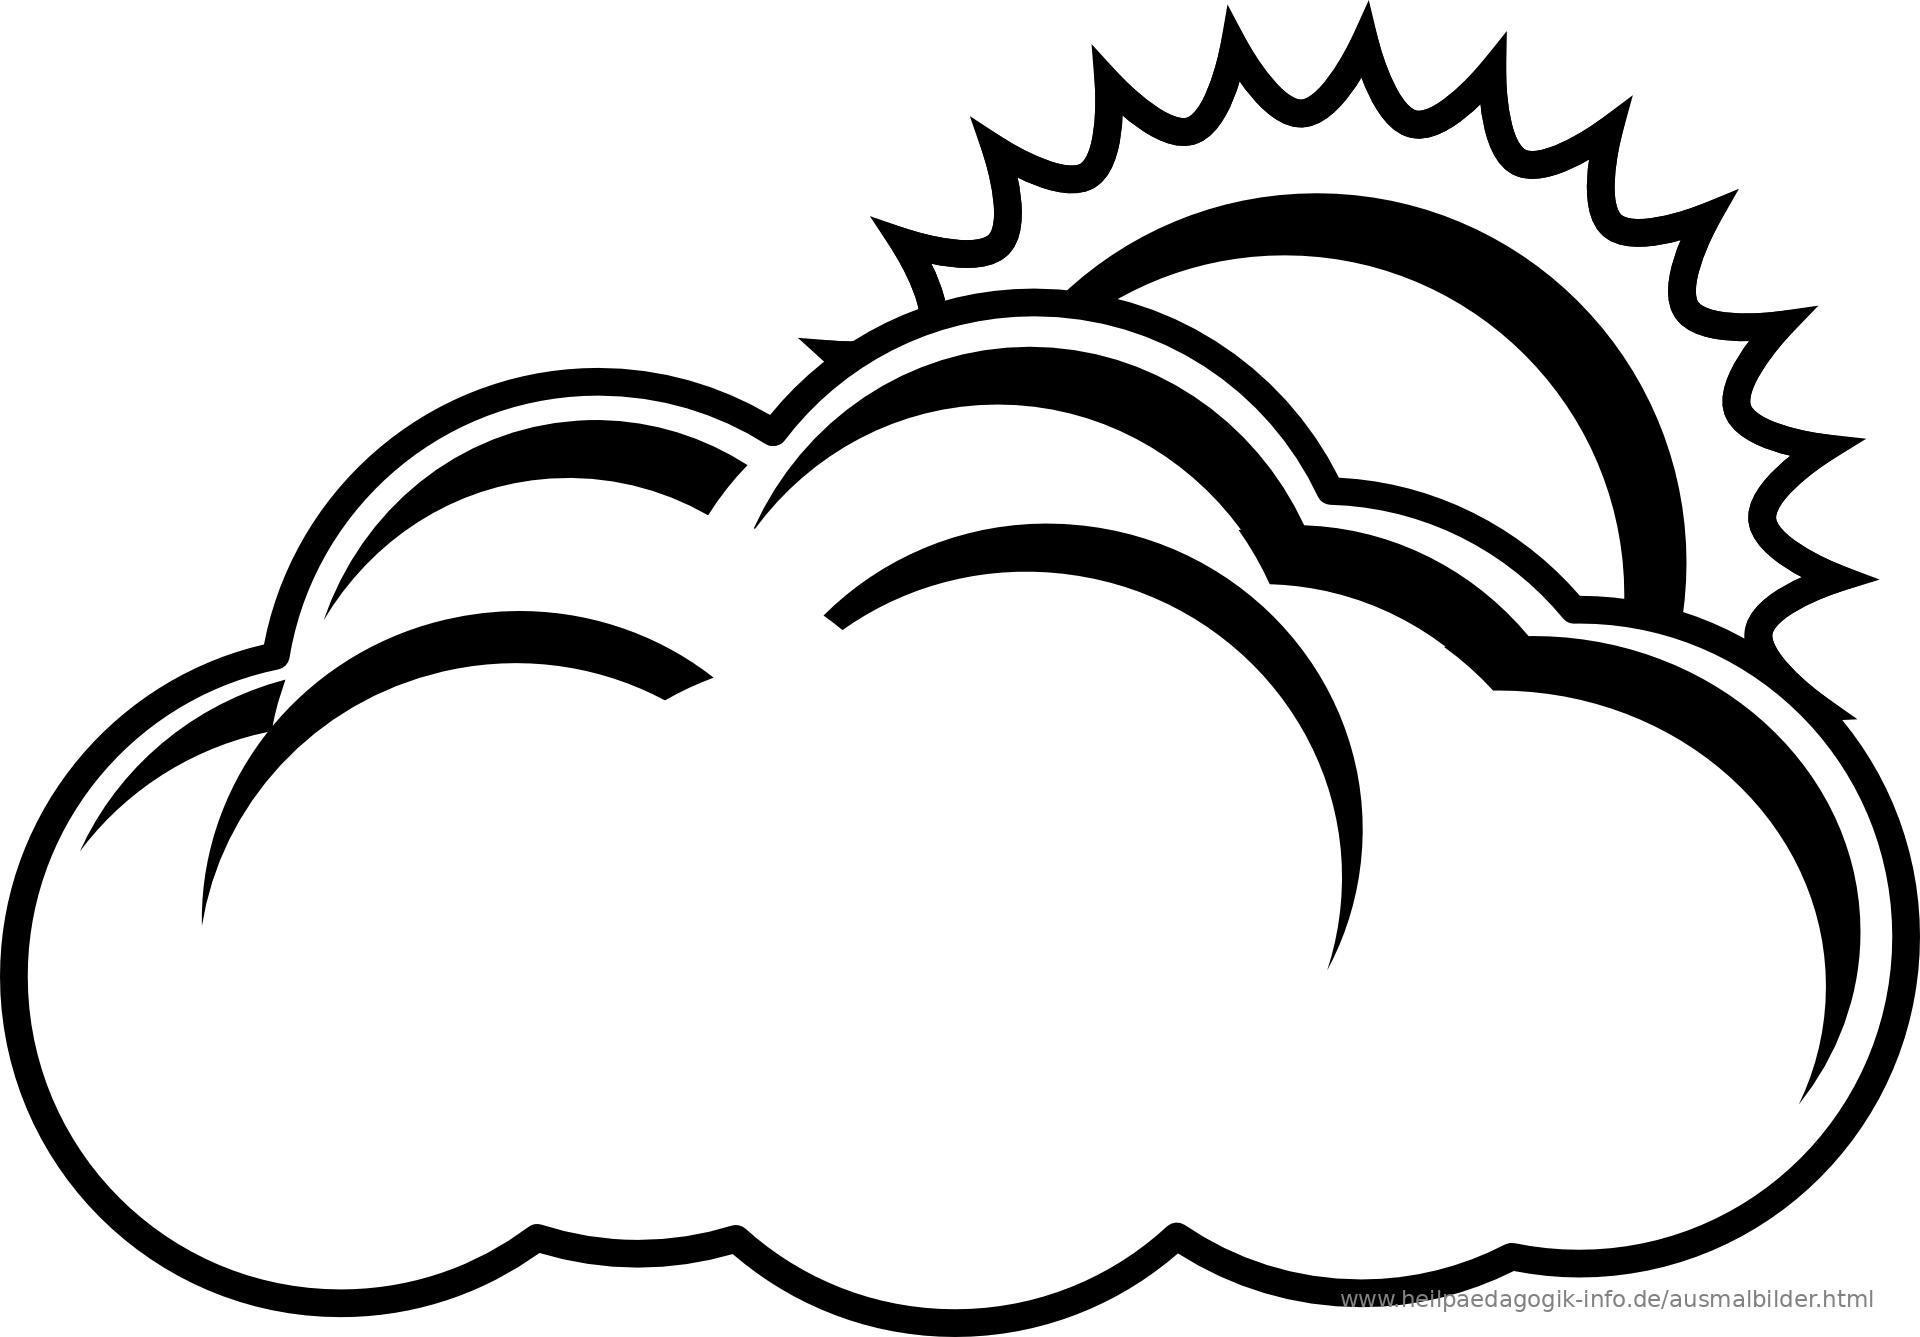 Ausmalbilder Wolken